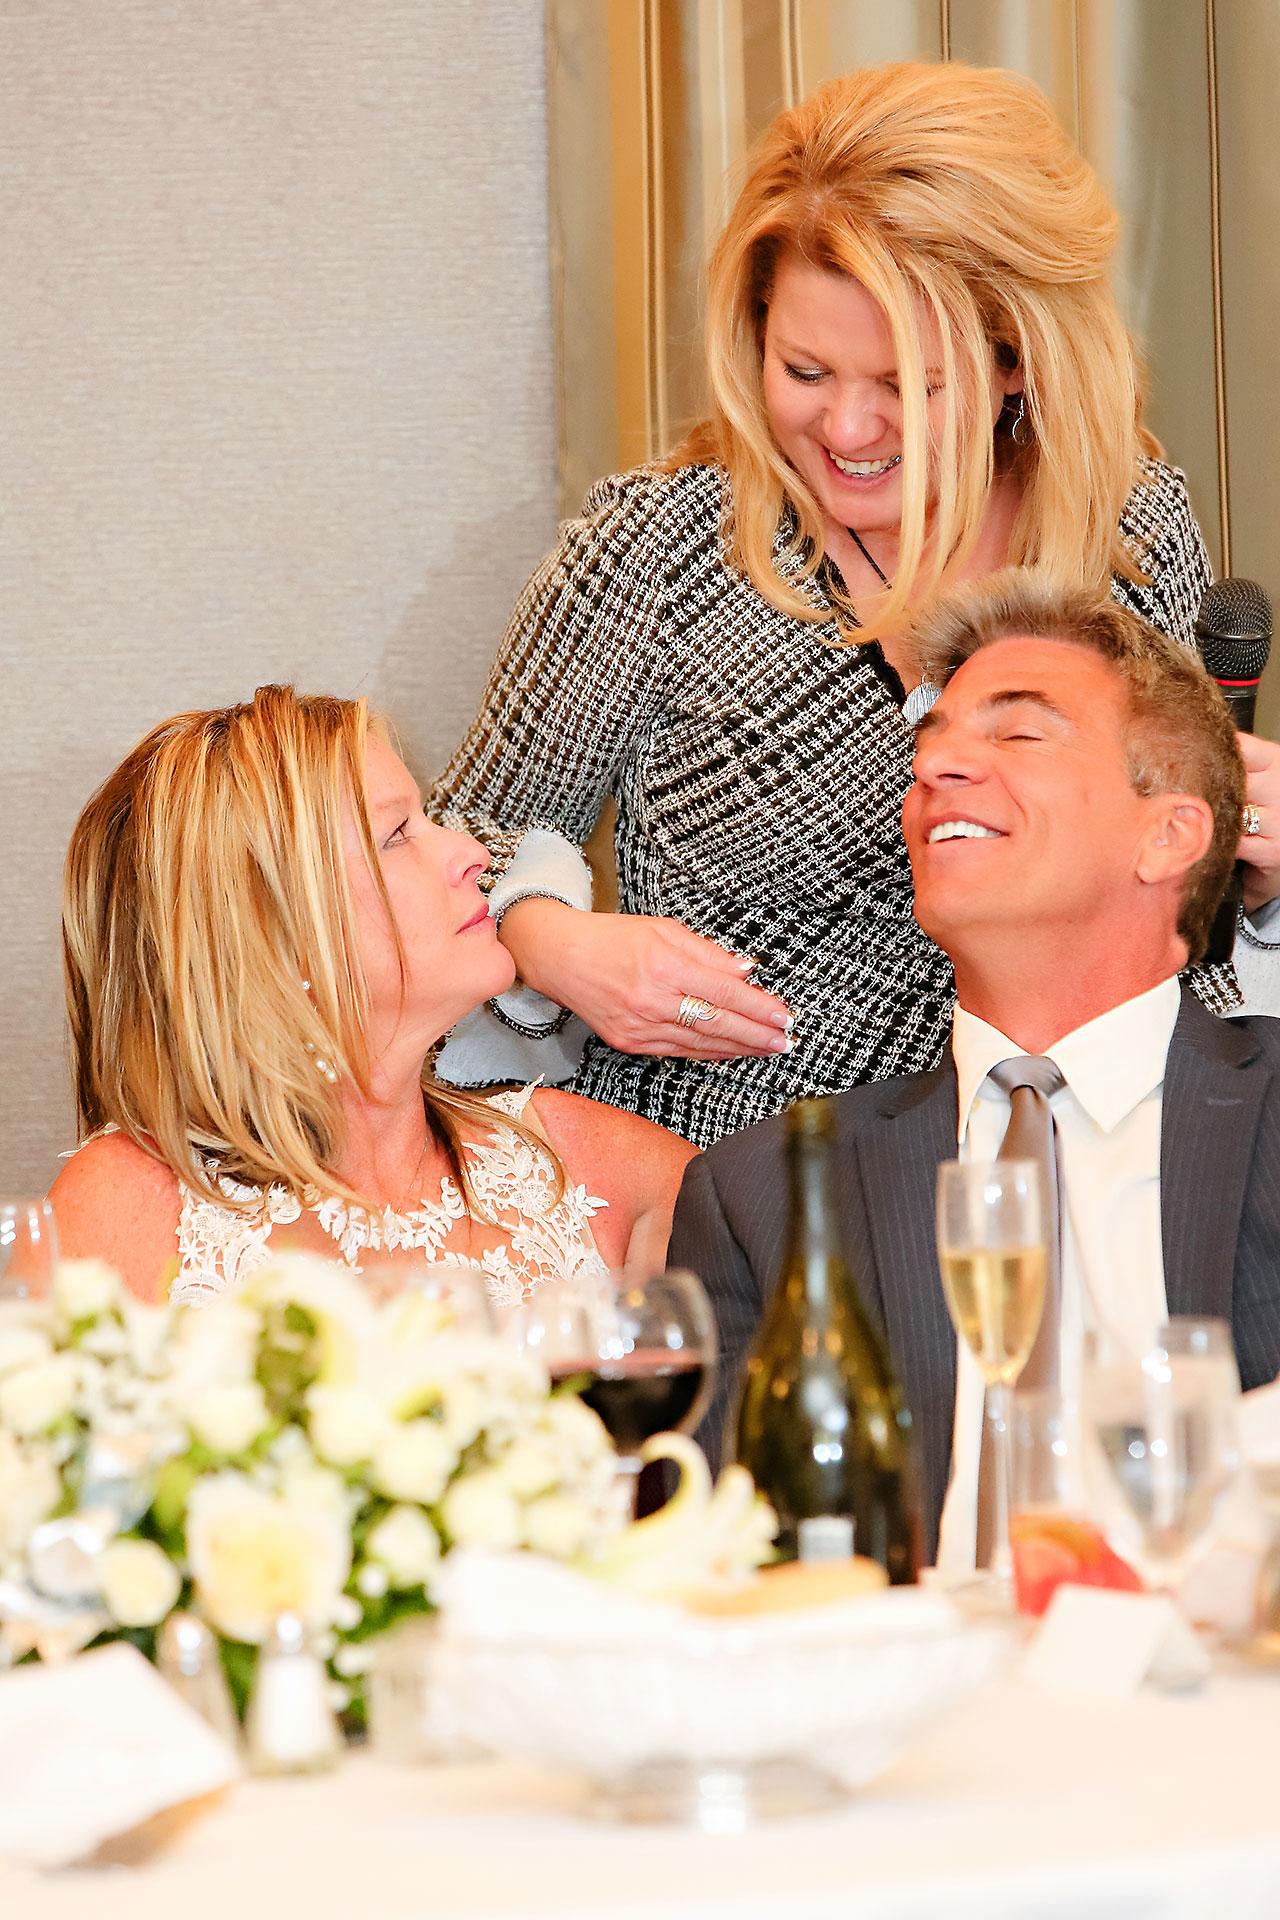 Rhonda Jeff Montage Indianapolis Wedding Reception 135